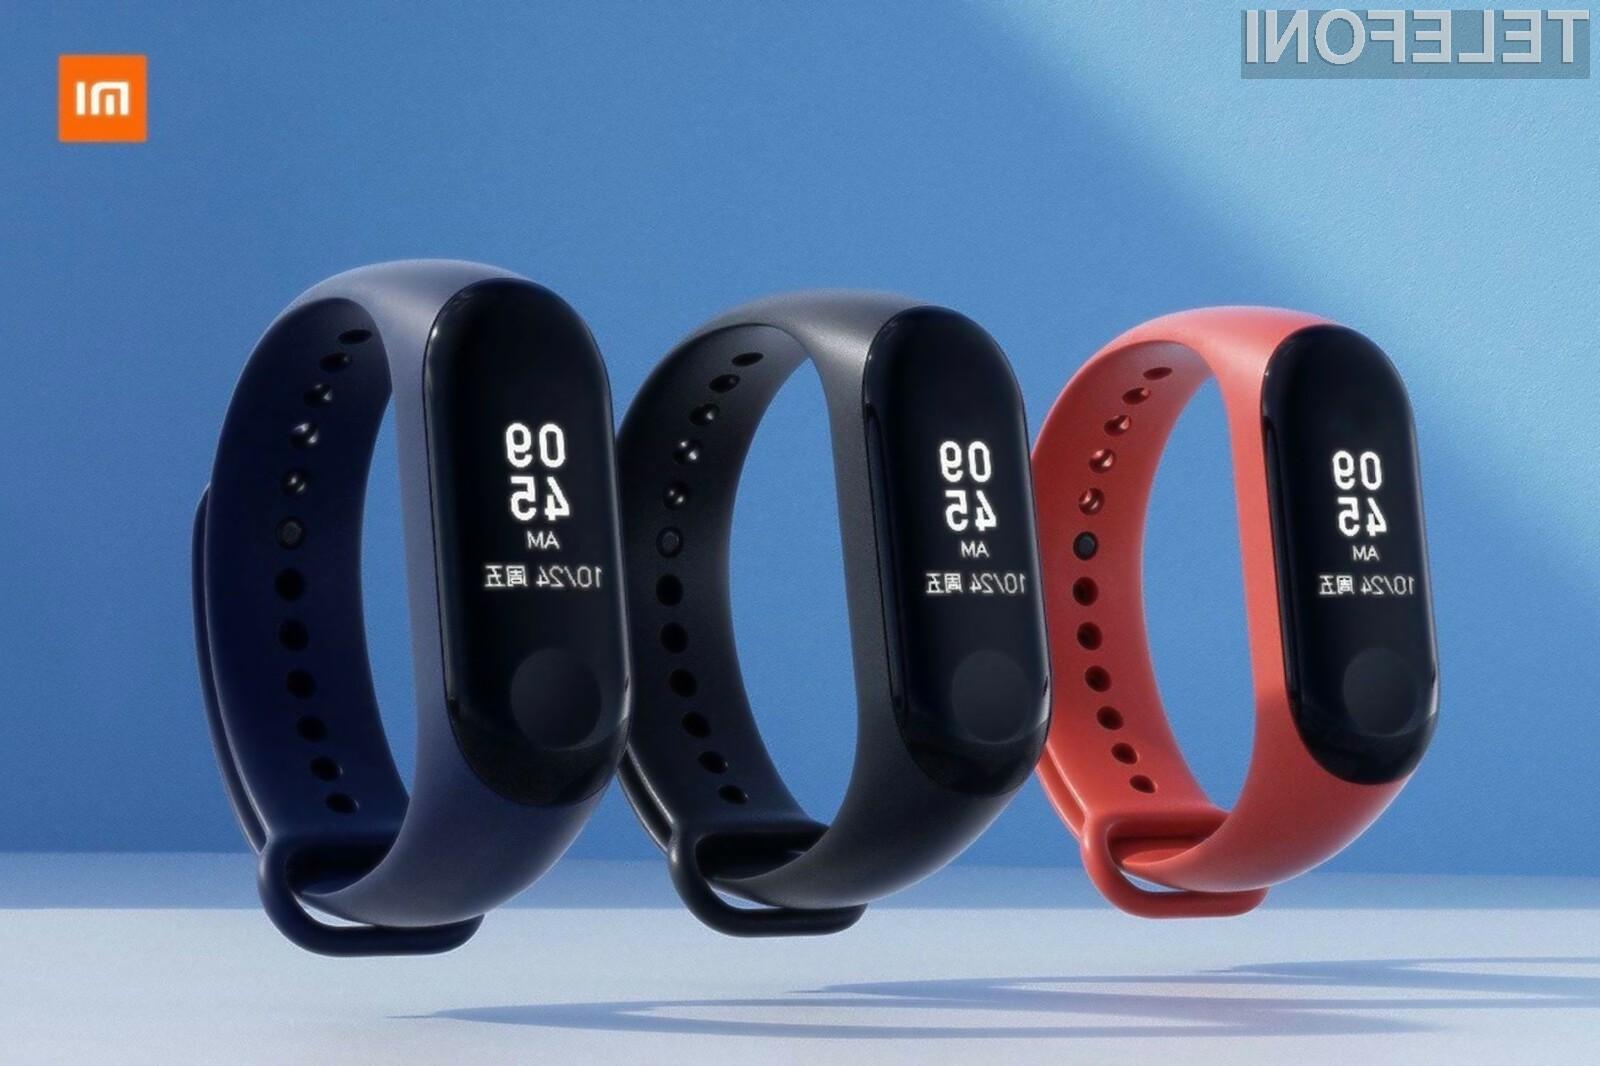 Pametna zapestnica Mi Band 3 podjetja Xiaomi je lahko vaša že za 33,32 evrov!